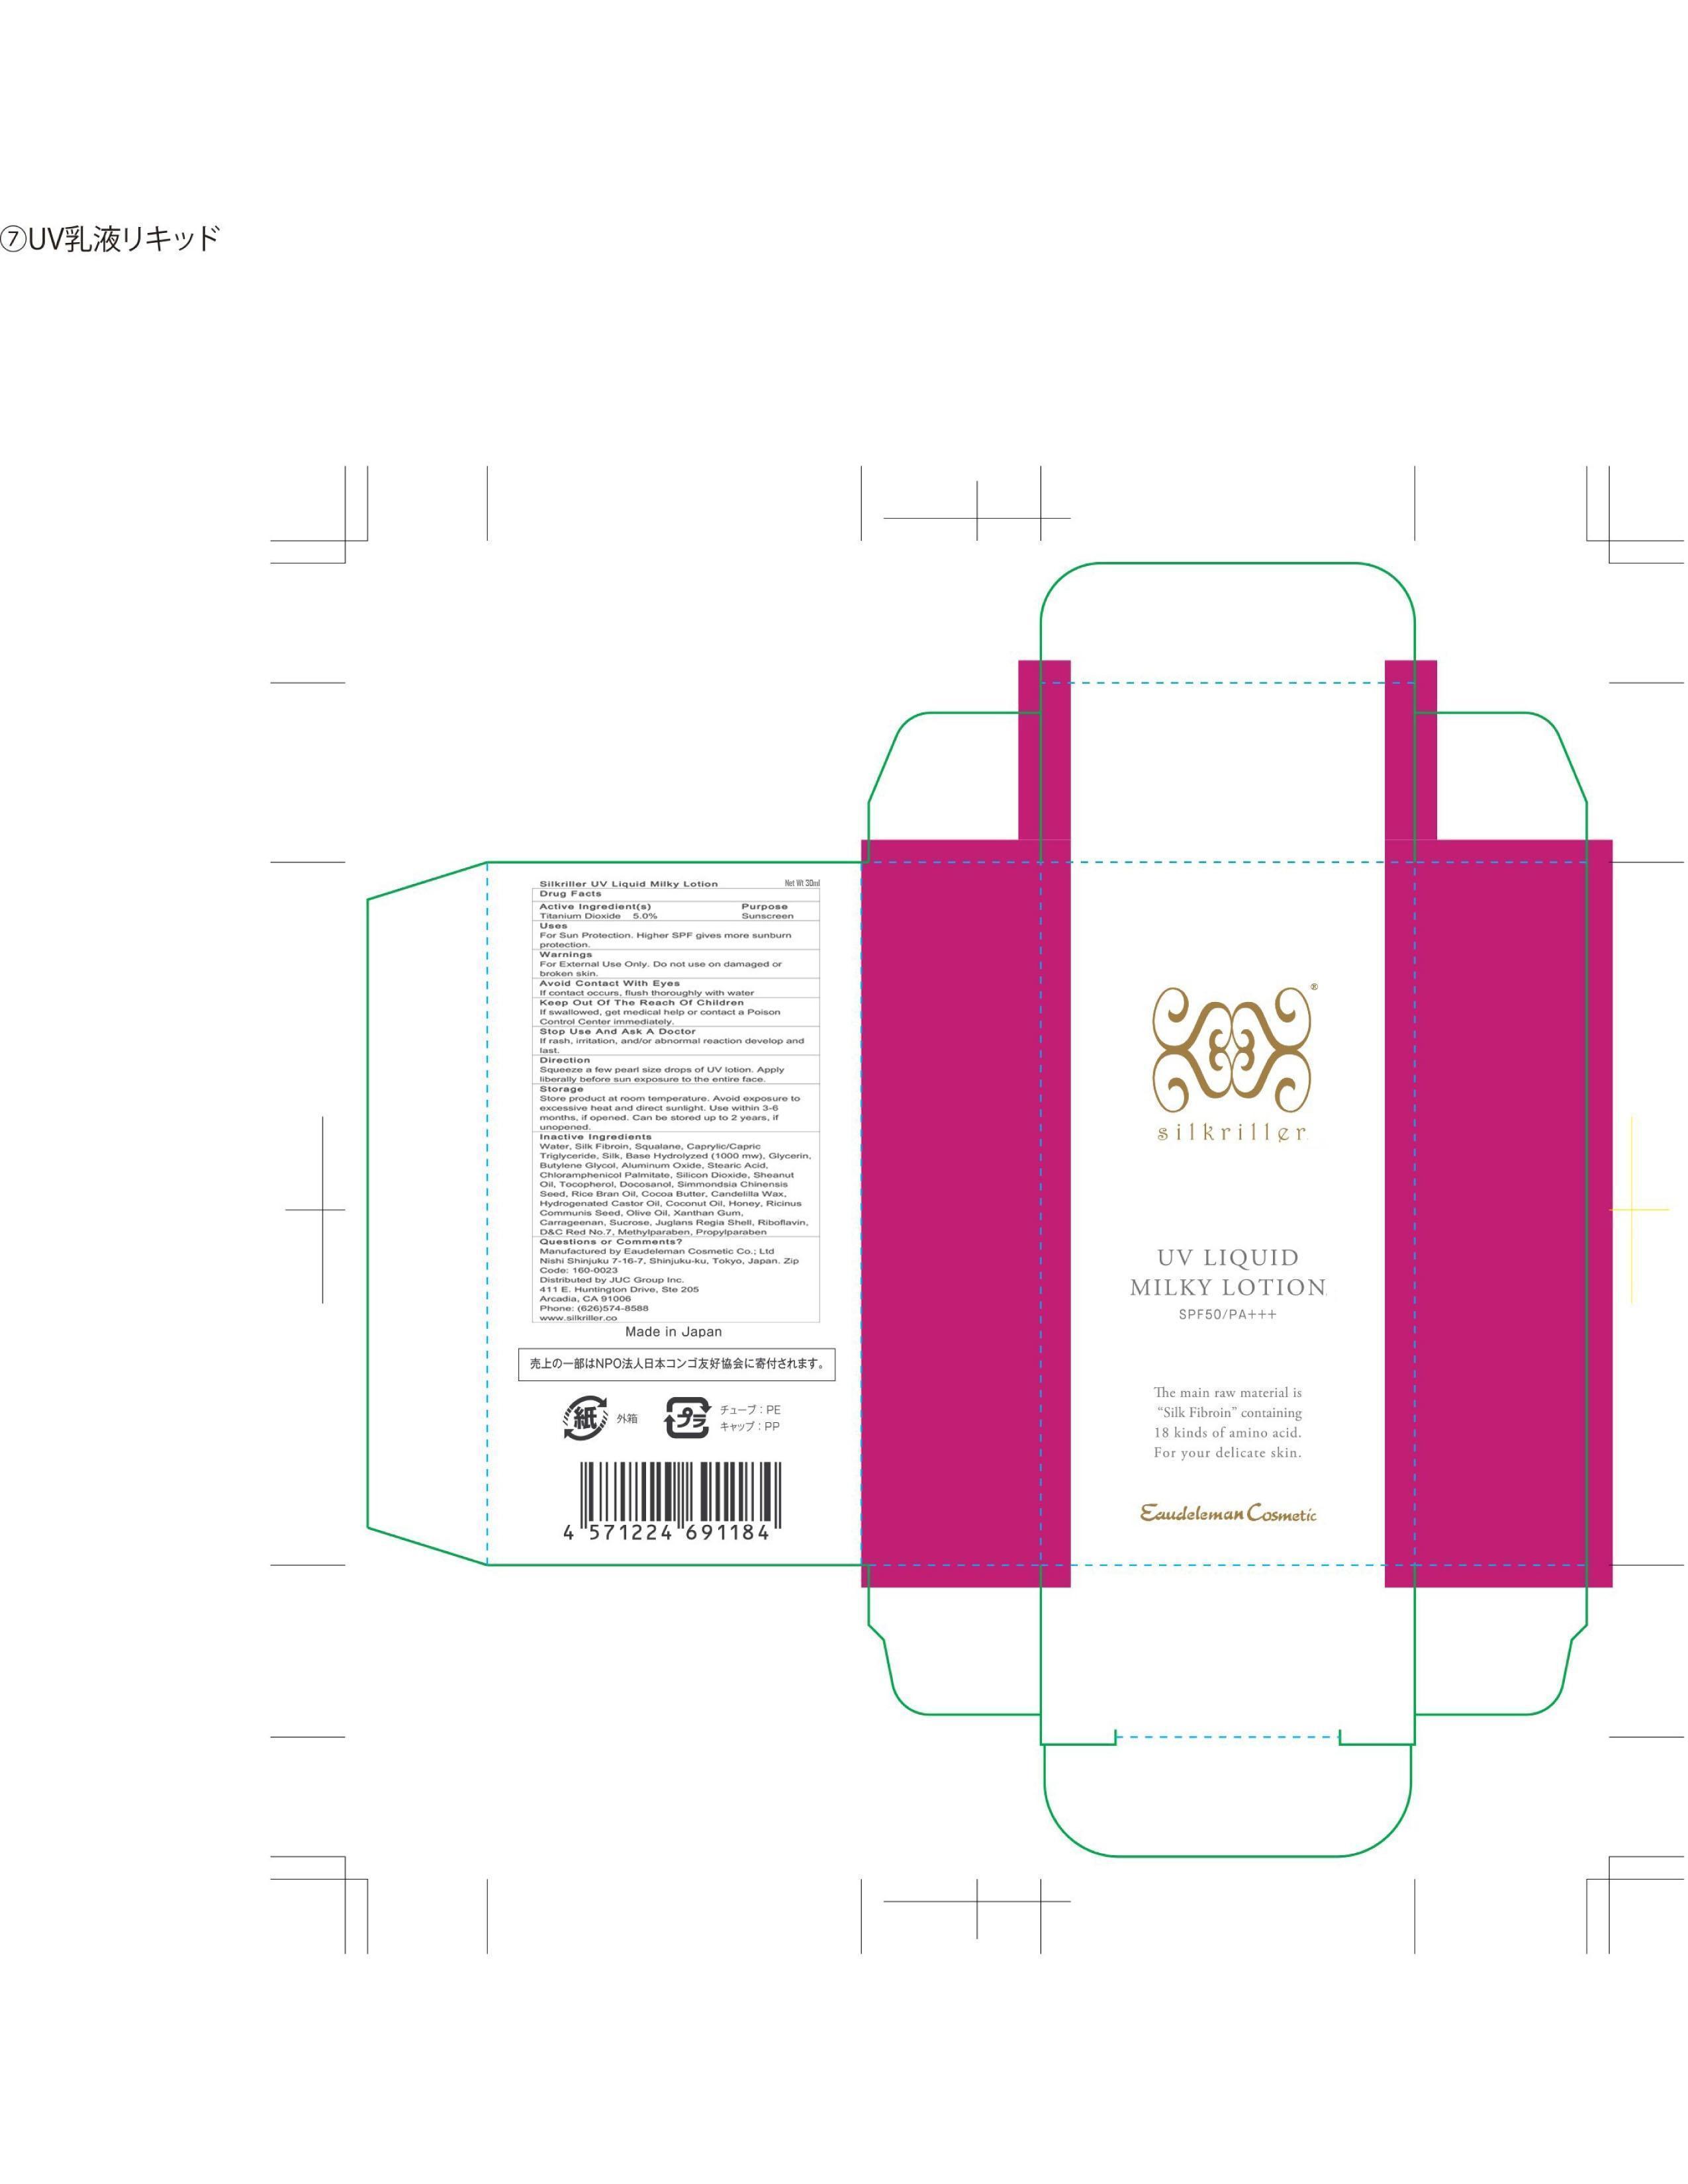 Sprycel (Dasatinib) Tablet [E.r. Squibb & Sons, L.l.c.]